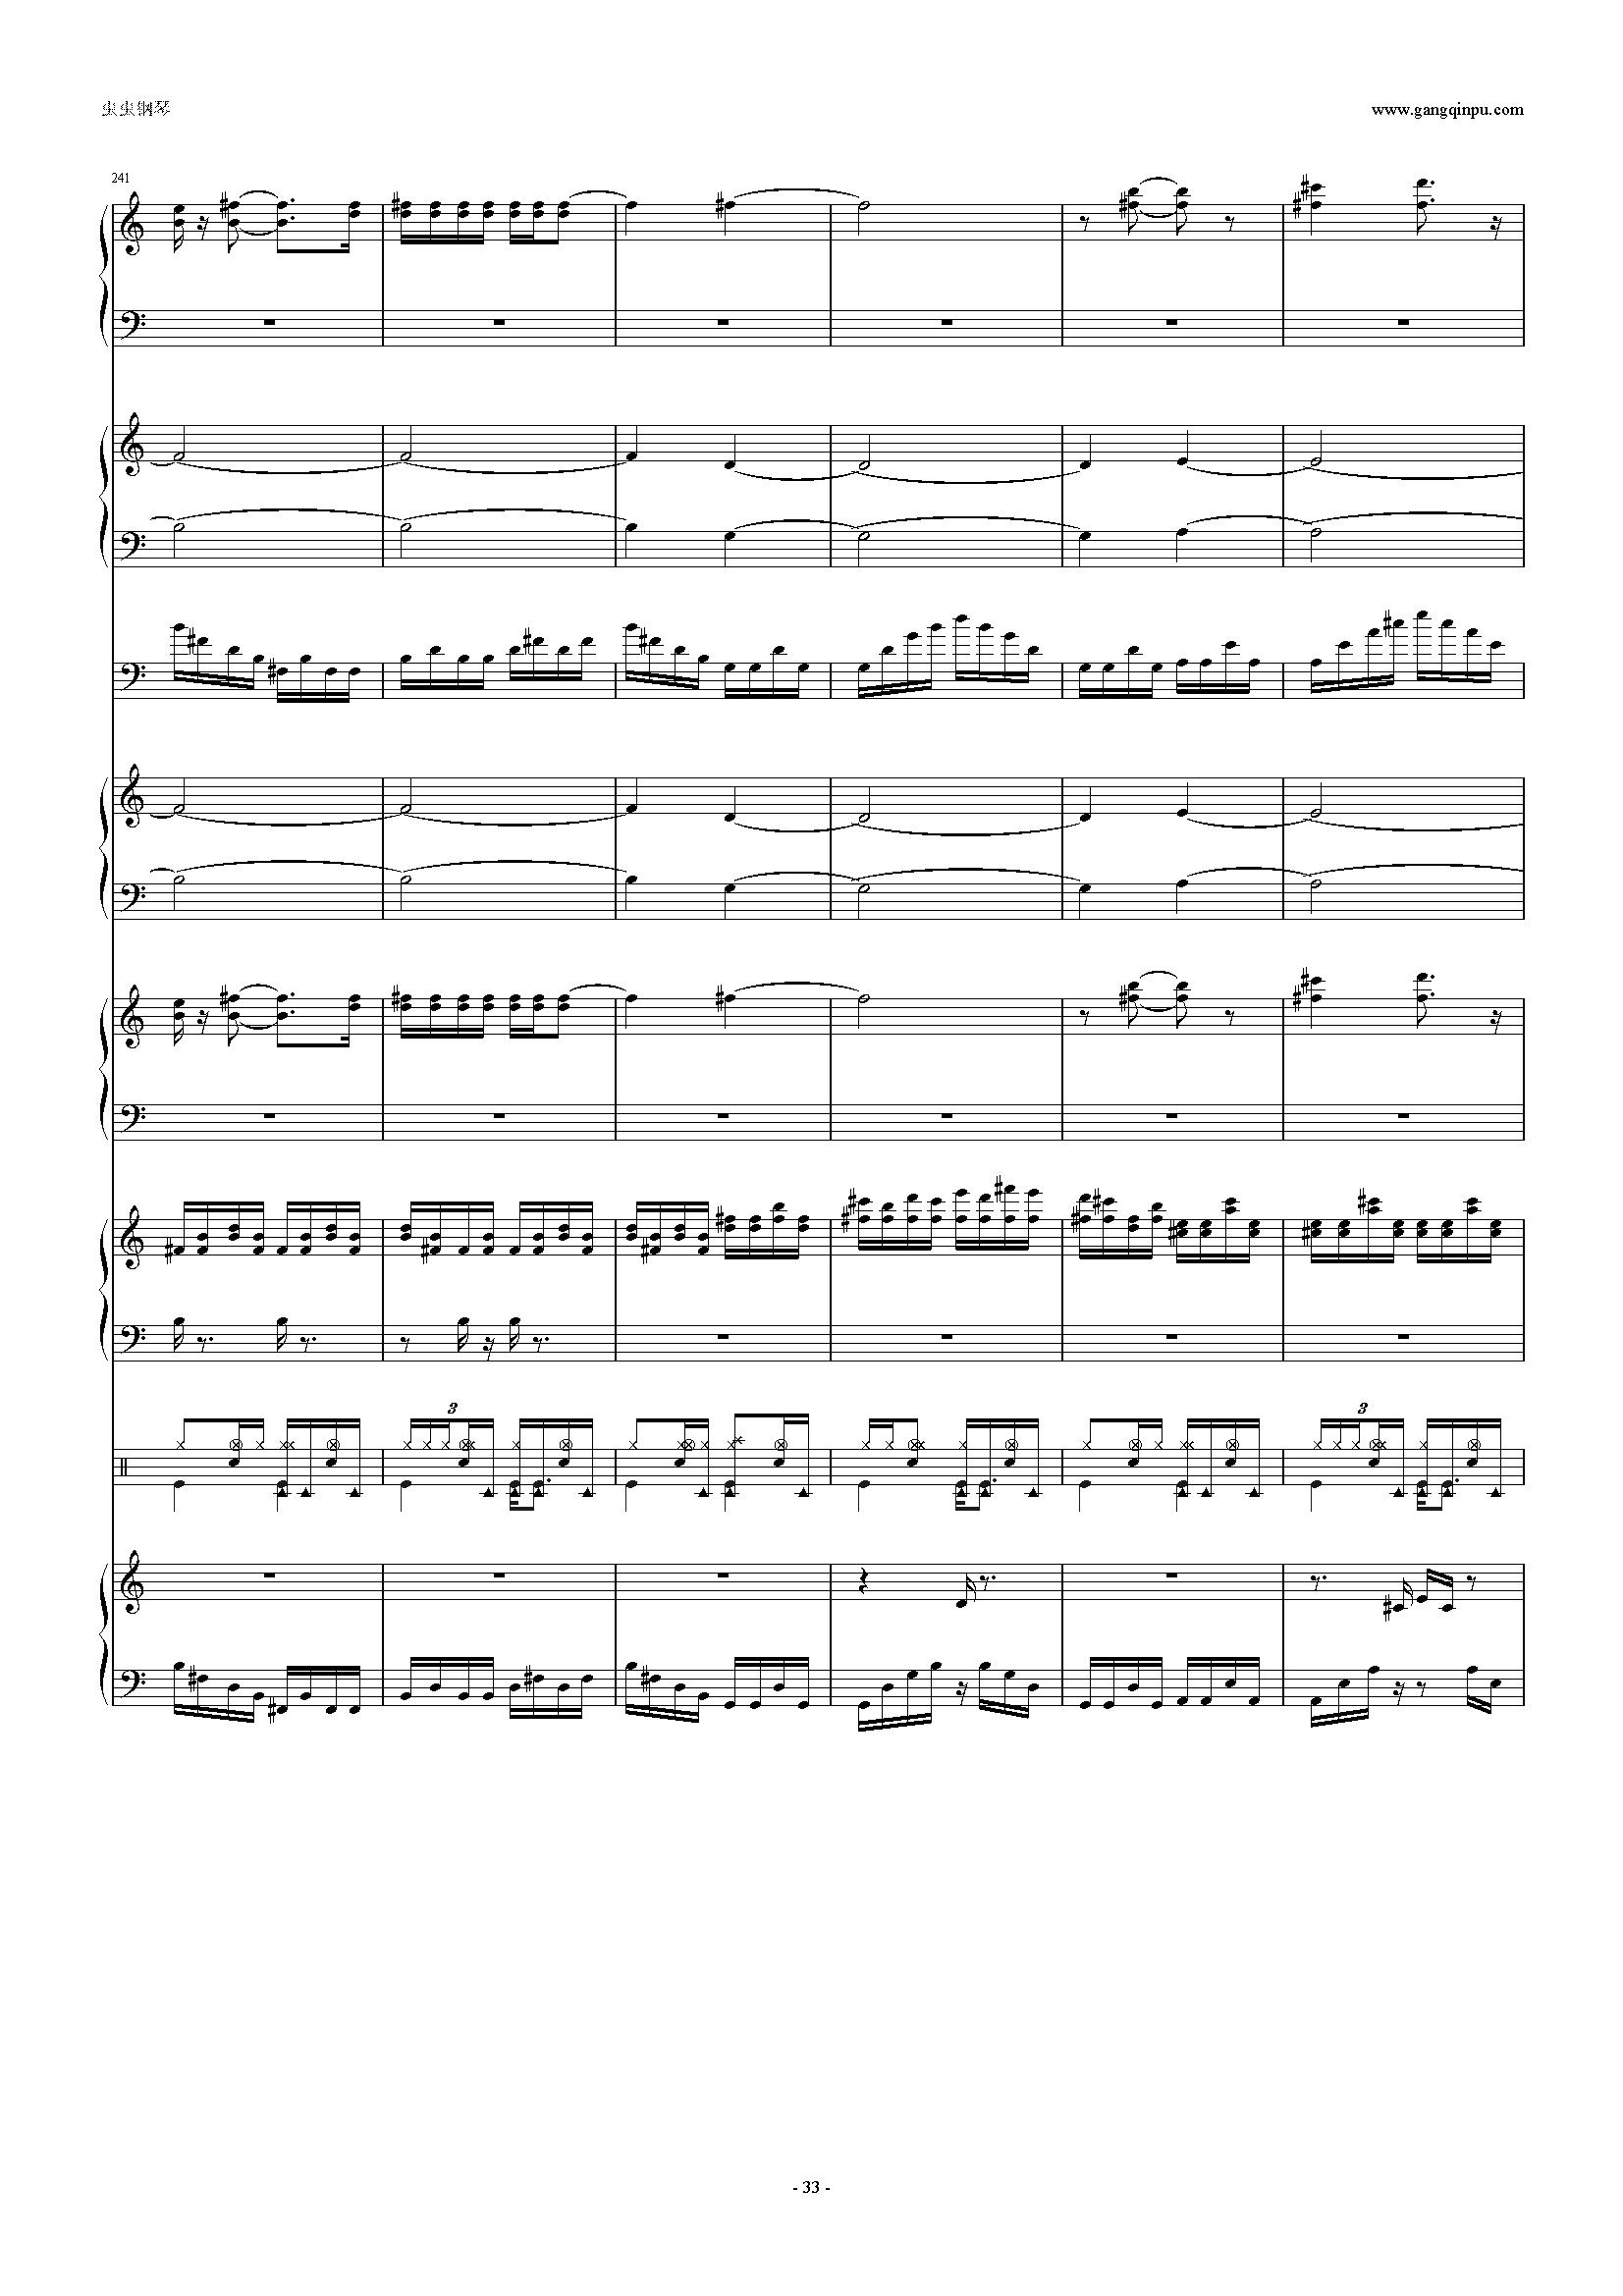 少女幻葬钢琴谱 第33页